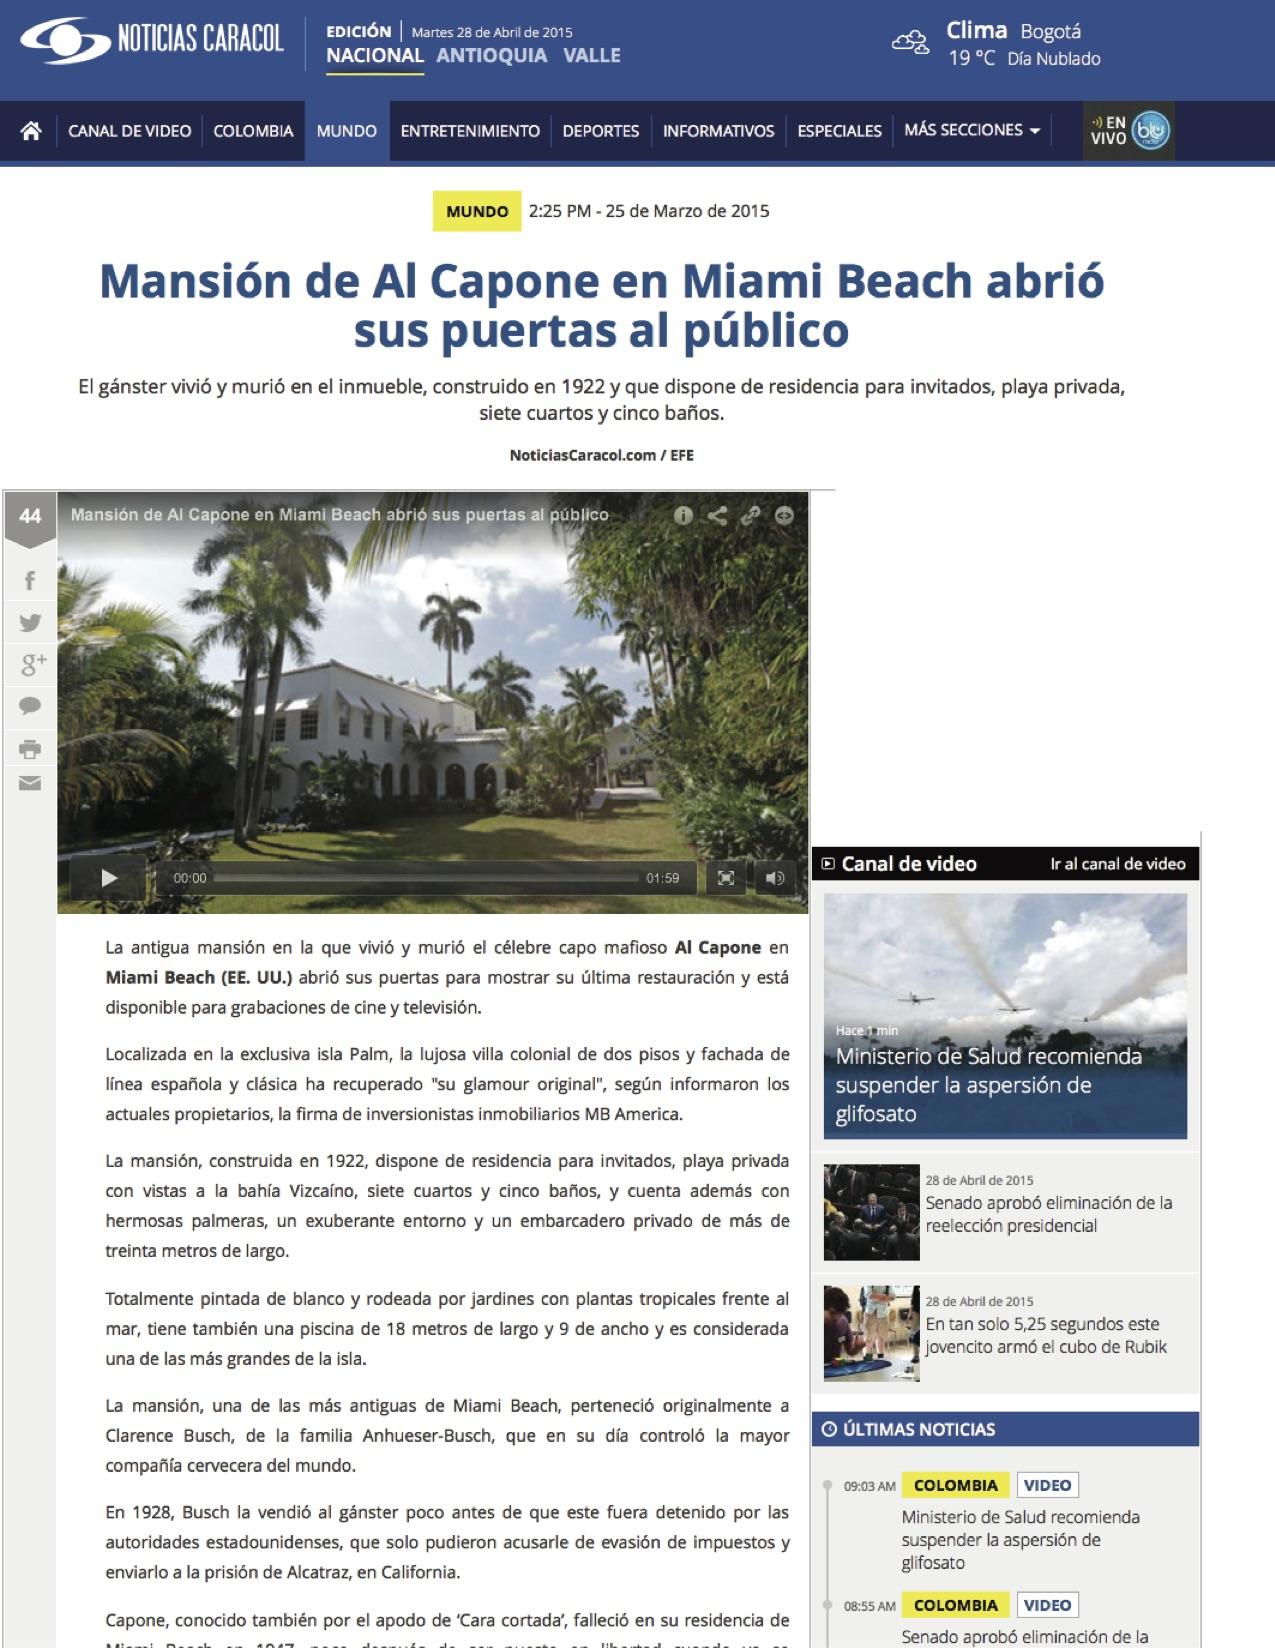 """<p><strong>Noticias Caracol</strong><a href=""""http://www.noticiascaracol.com/mundo/mansion-de-al-capone-en-miami-beach-abrio-sus-puertas-al-publico"""" target=""""_blank"""">Watch Video →</a></p>"""